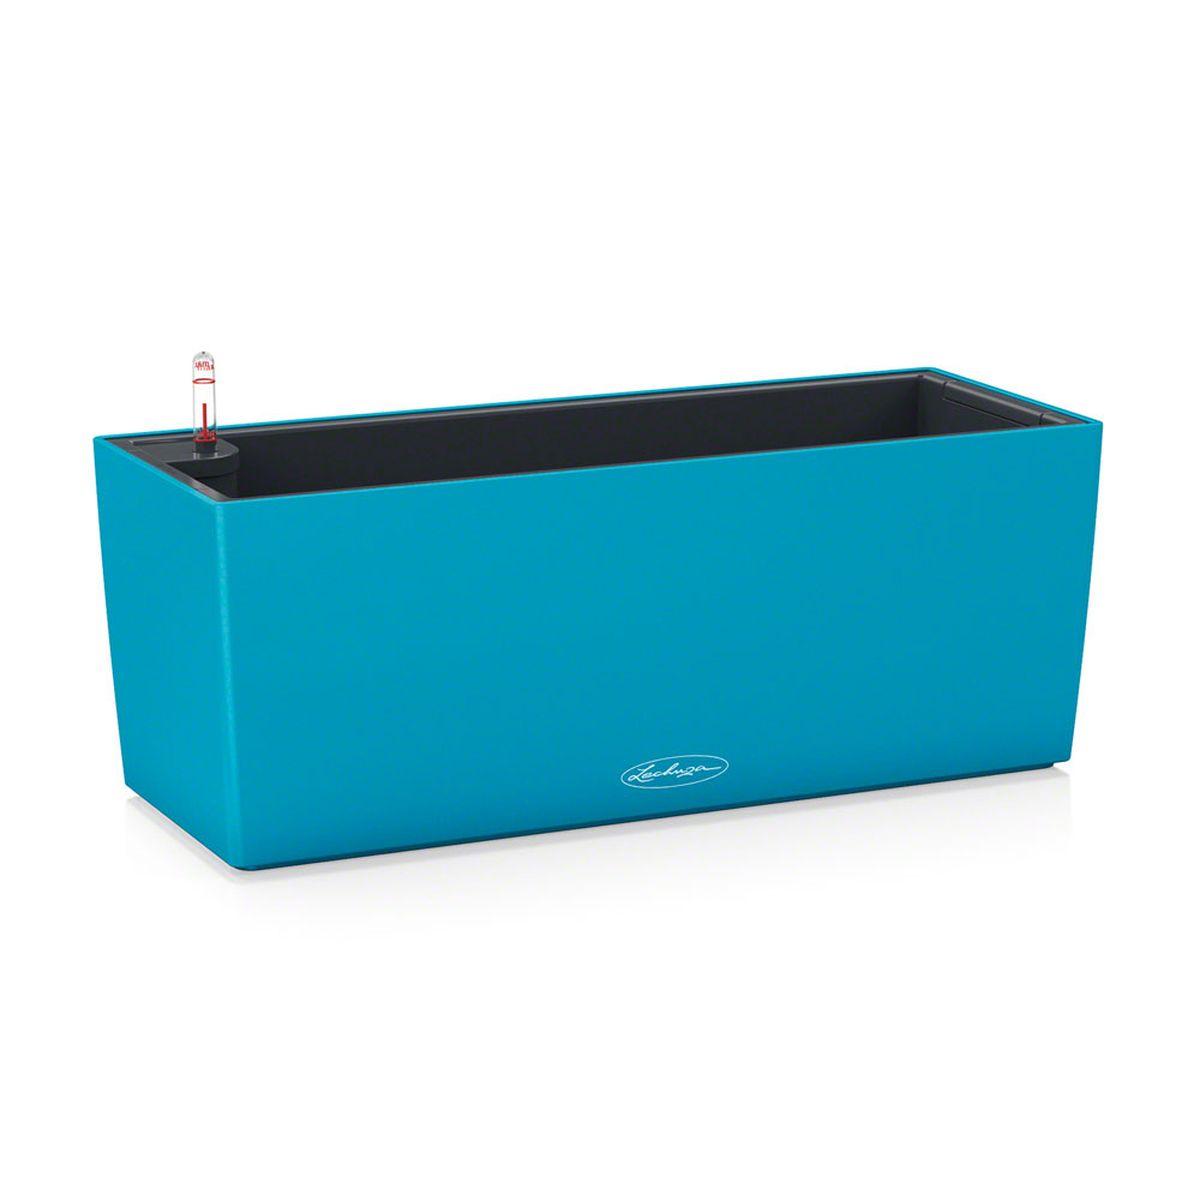 Кашпо Lechuza Balconera Color, с системой автополива, цвет: бирюзовый, 50 х 19 х 19 см15671Кашпо Lechuza Balconera Color, выполненное из высококачественного пластика, имеет уникальную систему автополива, благодаря которой корневая система растения непрерывно снабжается влагой из резервуара. Уровень воды в резервуаре контролируется с помощью специального индикатора. В зависимости от размера кашпо и растения воды хватает на 2-12 недель. Это способствует хорошему росту цветов и предотвращает переувлажнение. В набор входит: кашпо, внутренний горшок, индикатор уровня воды, резервуар для воды, балконный держатель. Кашпо Lechuza Balconera Color - превосходное решение для балкона. Оно прекрасно украсит любой интерьер, поможет расставить нужные акценты, а также придаст помещению вид, соответствующий вашим представлениям.